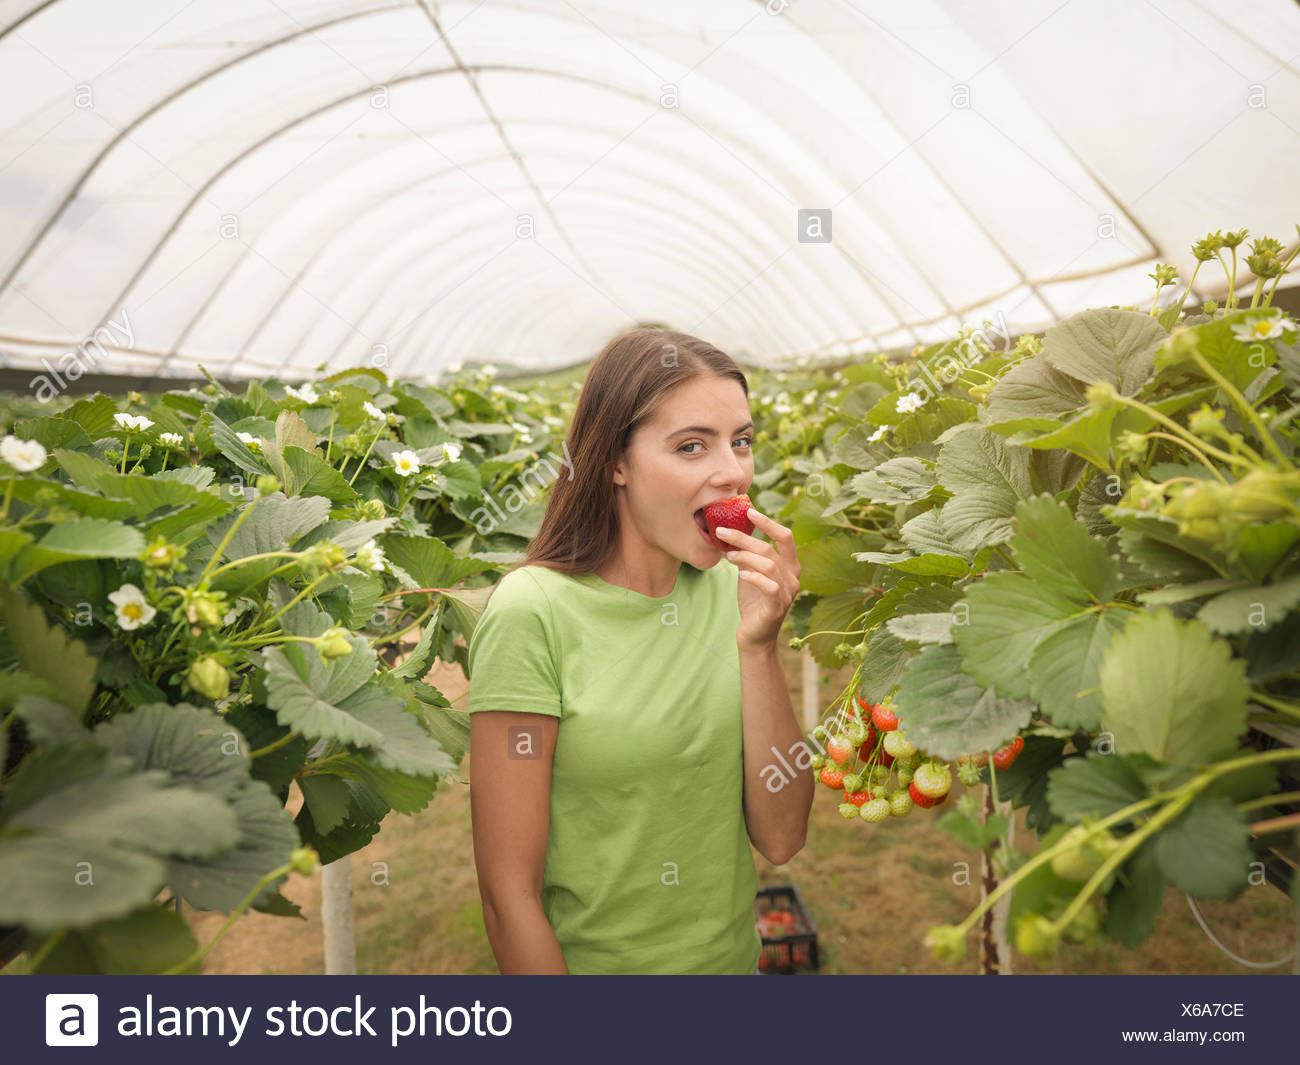 Porträt von Erdbeer-Picker Essen Erdbeeren im Unterglasanbau am Obsthof Stockbild